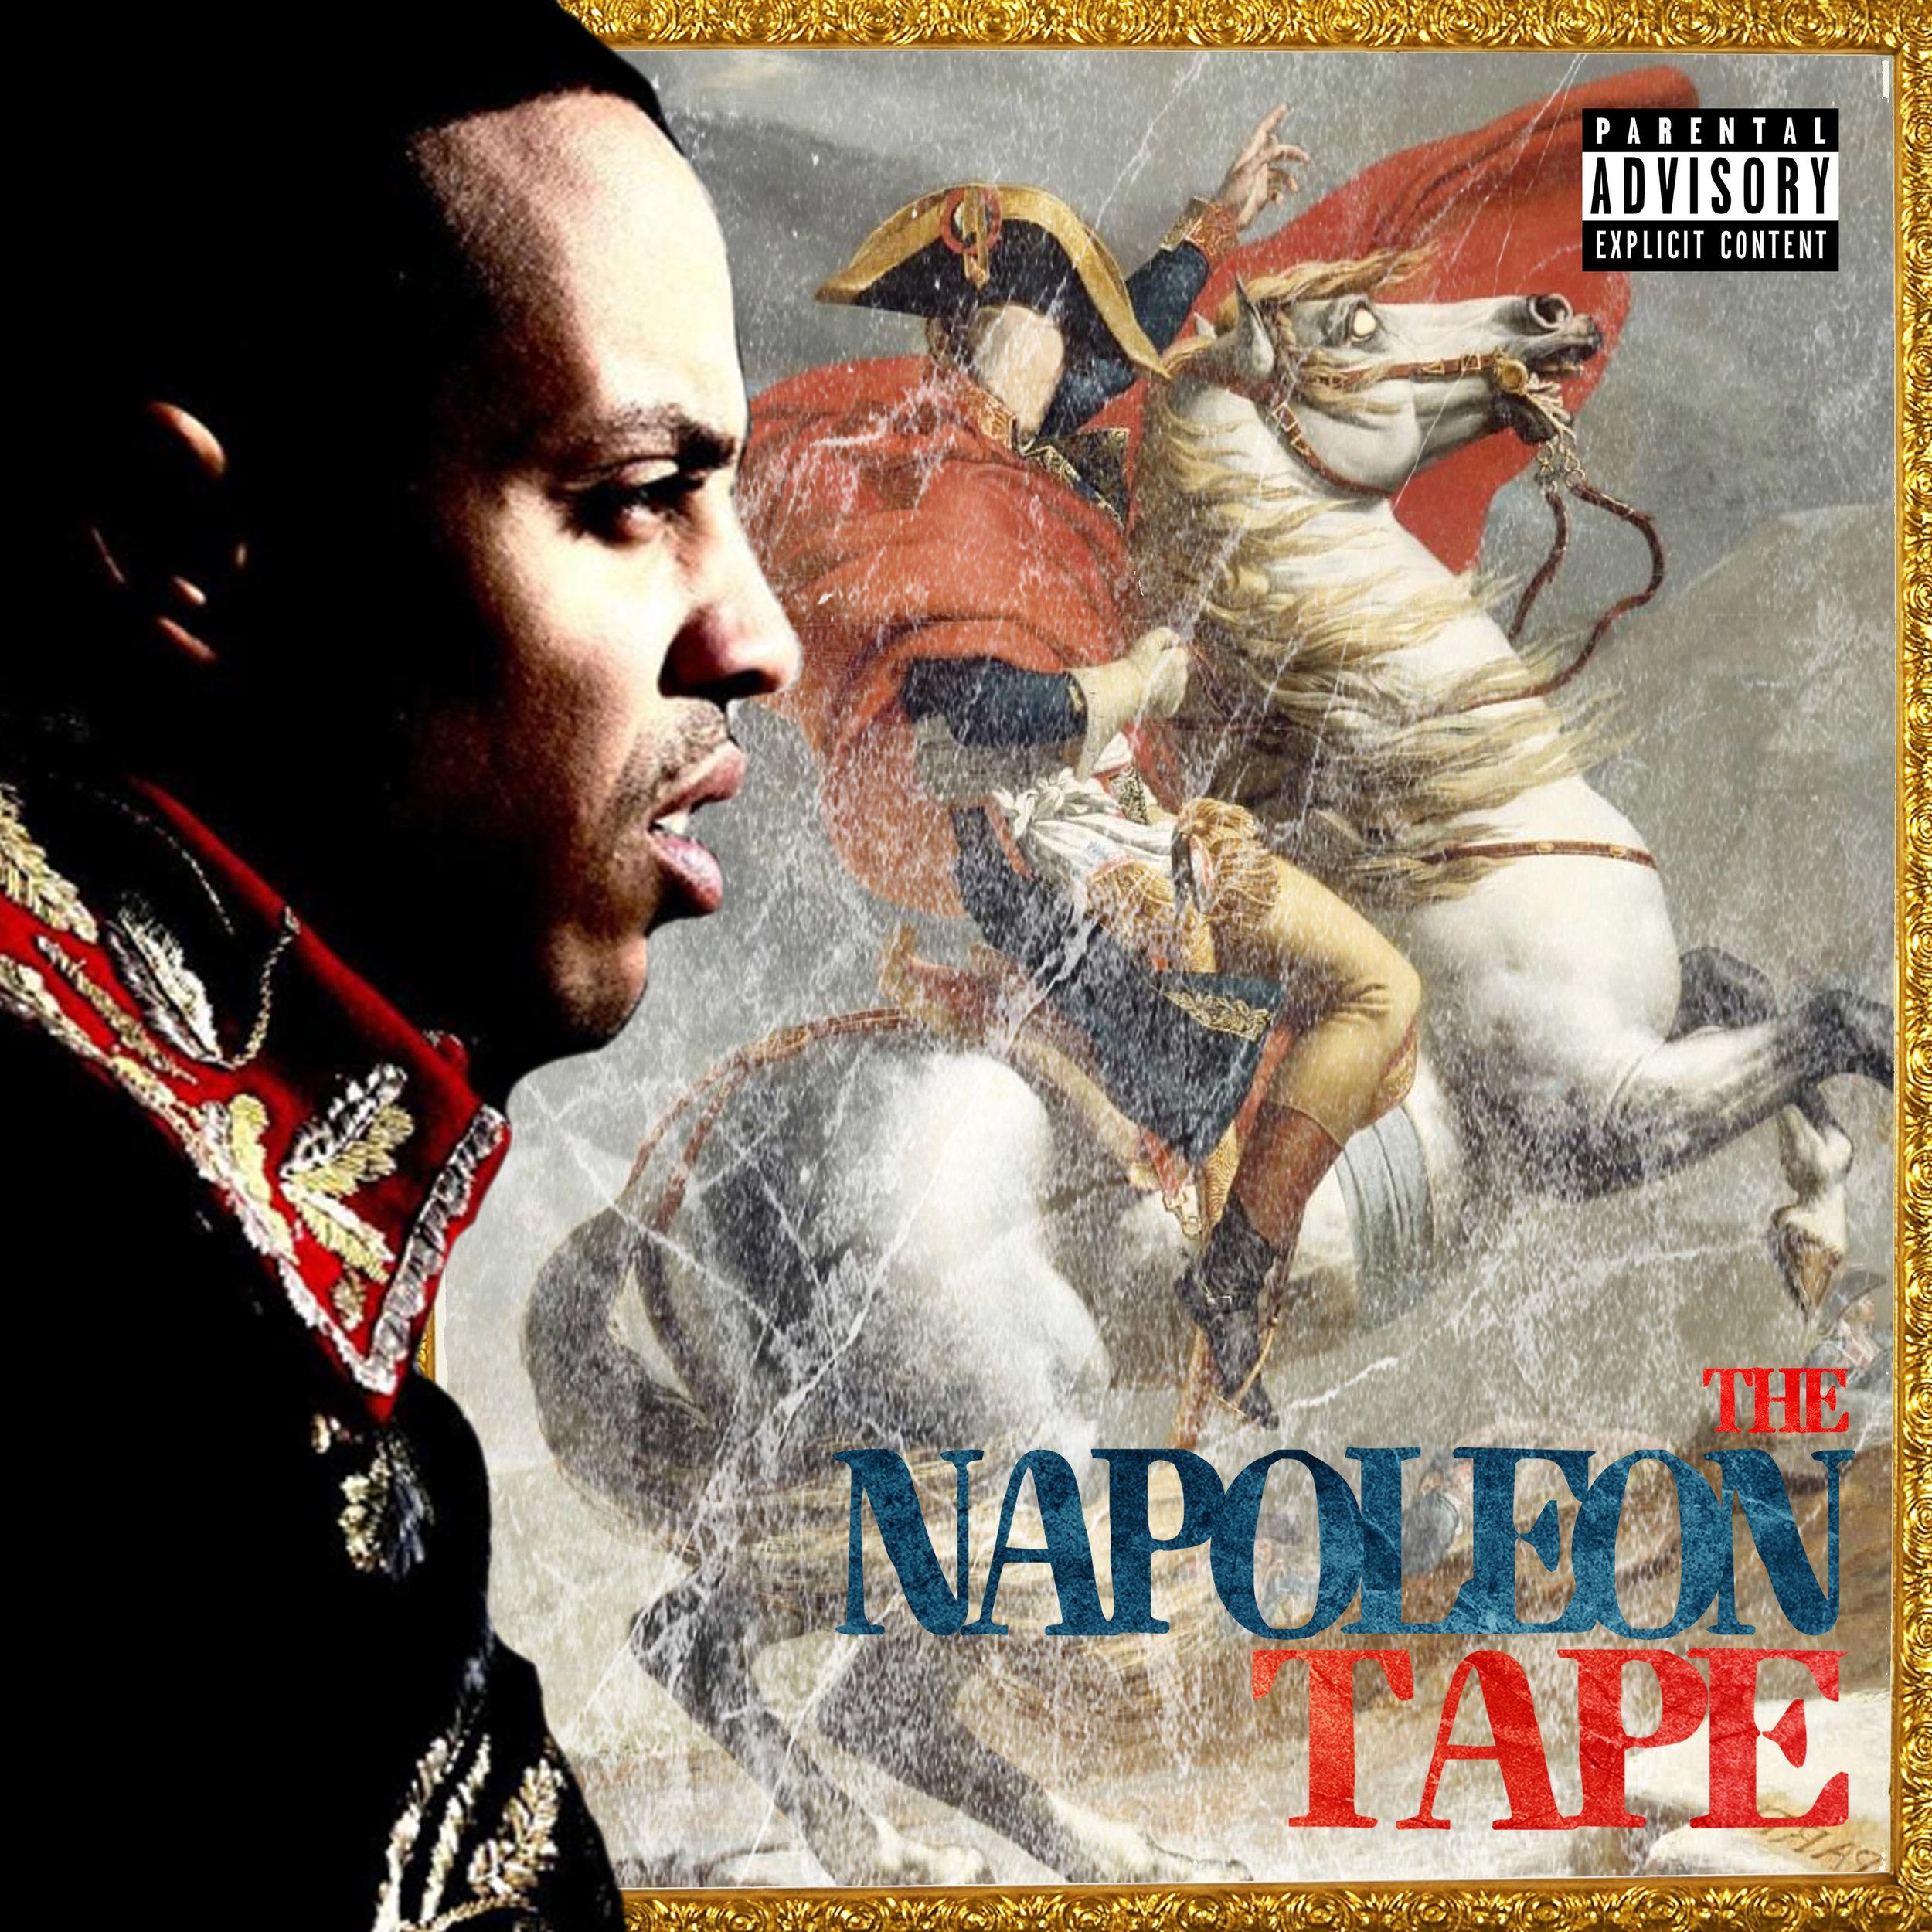 THE NAPOLEON TAPE    BUY CD  /  BUY CASSETTE